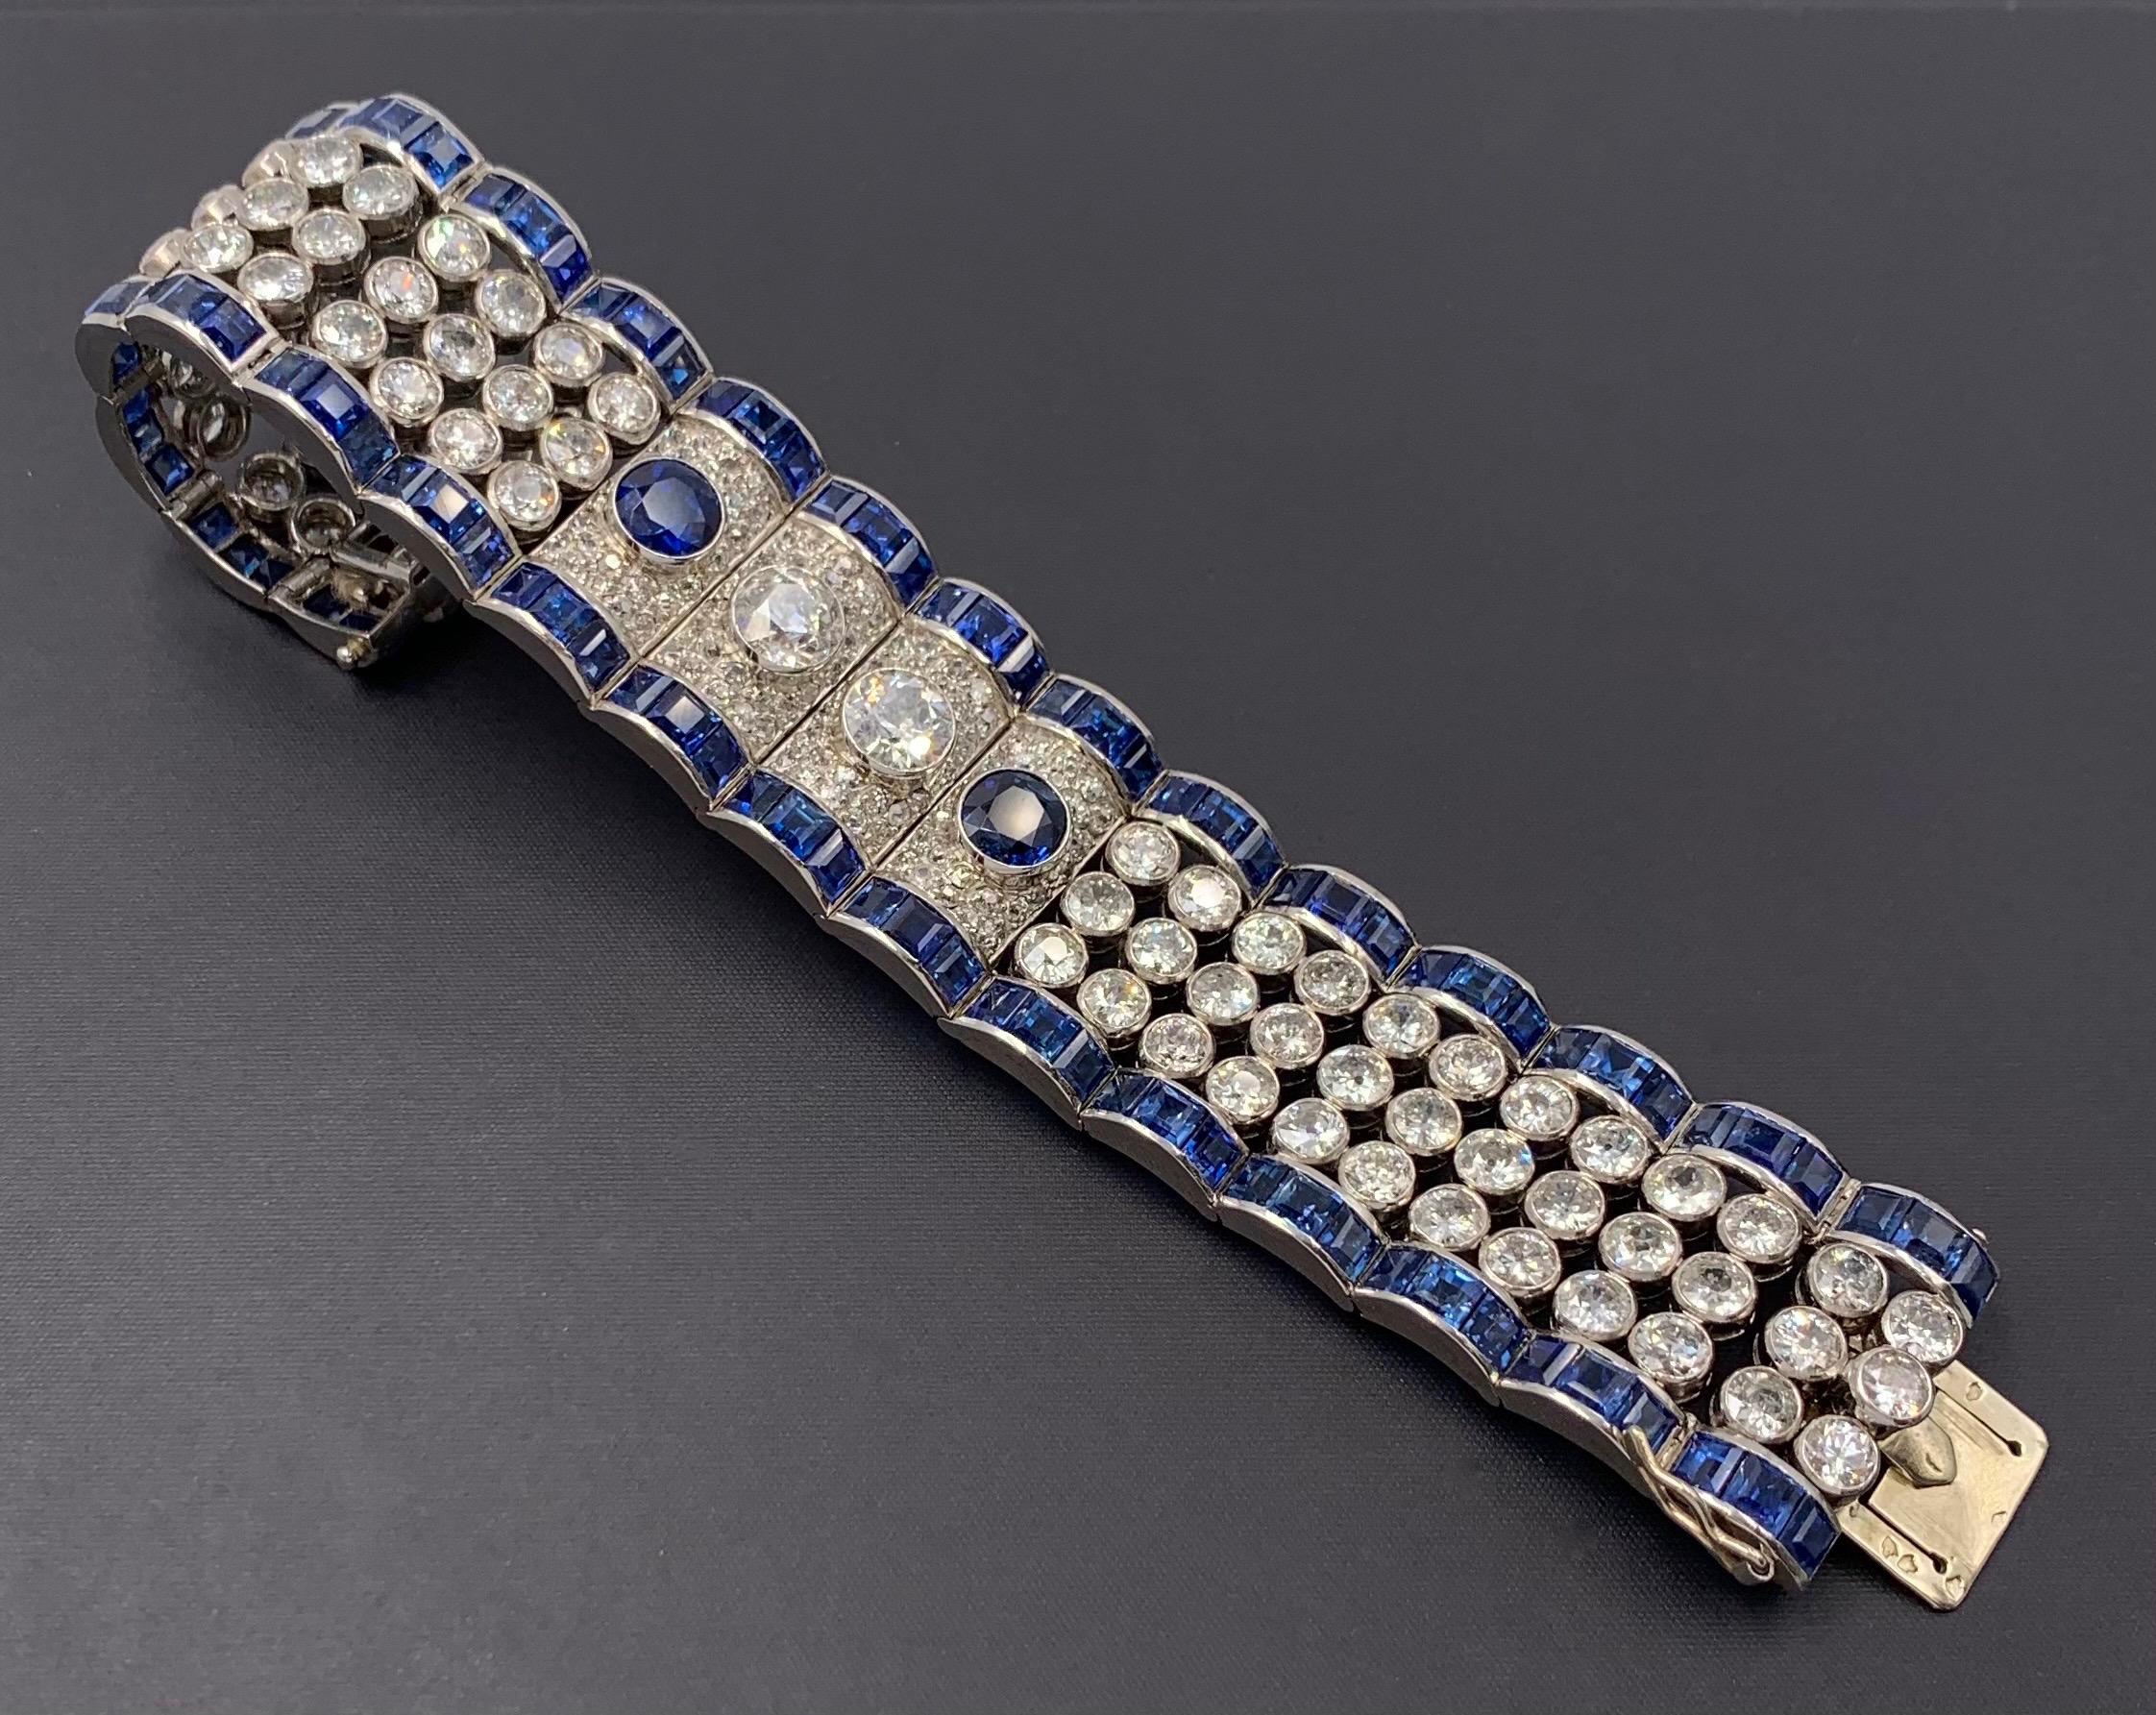 123. Important BRACELET manchette articulé en platine (950‰) et or gris (750‰) ajouré, entièrement bordé de saphirs calibrés, orné de 78 diamants taille ancienne en serti clos et composé de quatre larges godrons pavés de diamants, centrés de deux diamants taille ancienne et deux saphirs ronds. Travail français, vers 1940-50. Long. : 17,5 cm. Larg. : 2,5 cm. Poids brut : 92,4 g. Le bracelet est accompagné de dessins préparatoires originaux rehaussés de gouache, un sur papier gris (numéroté), l'autre sur papier calque (déchiré). 8.000/10.000 Expert Cukierman